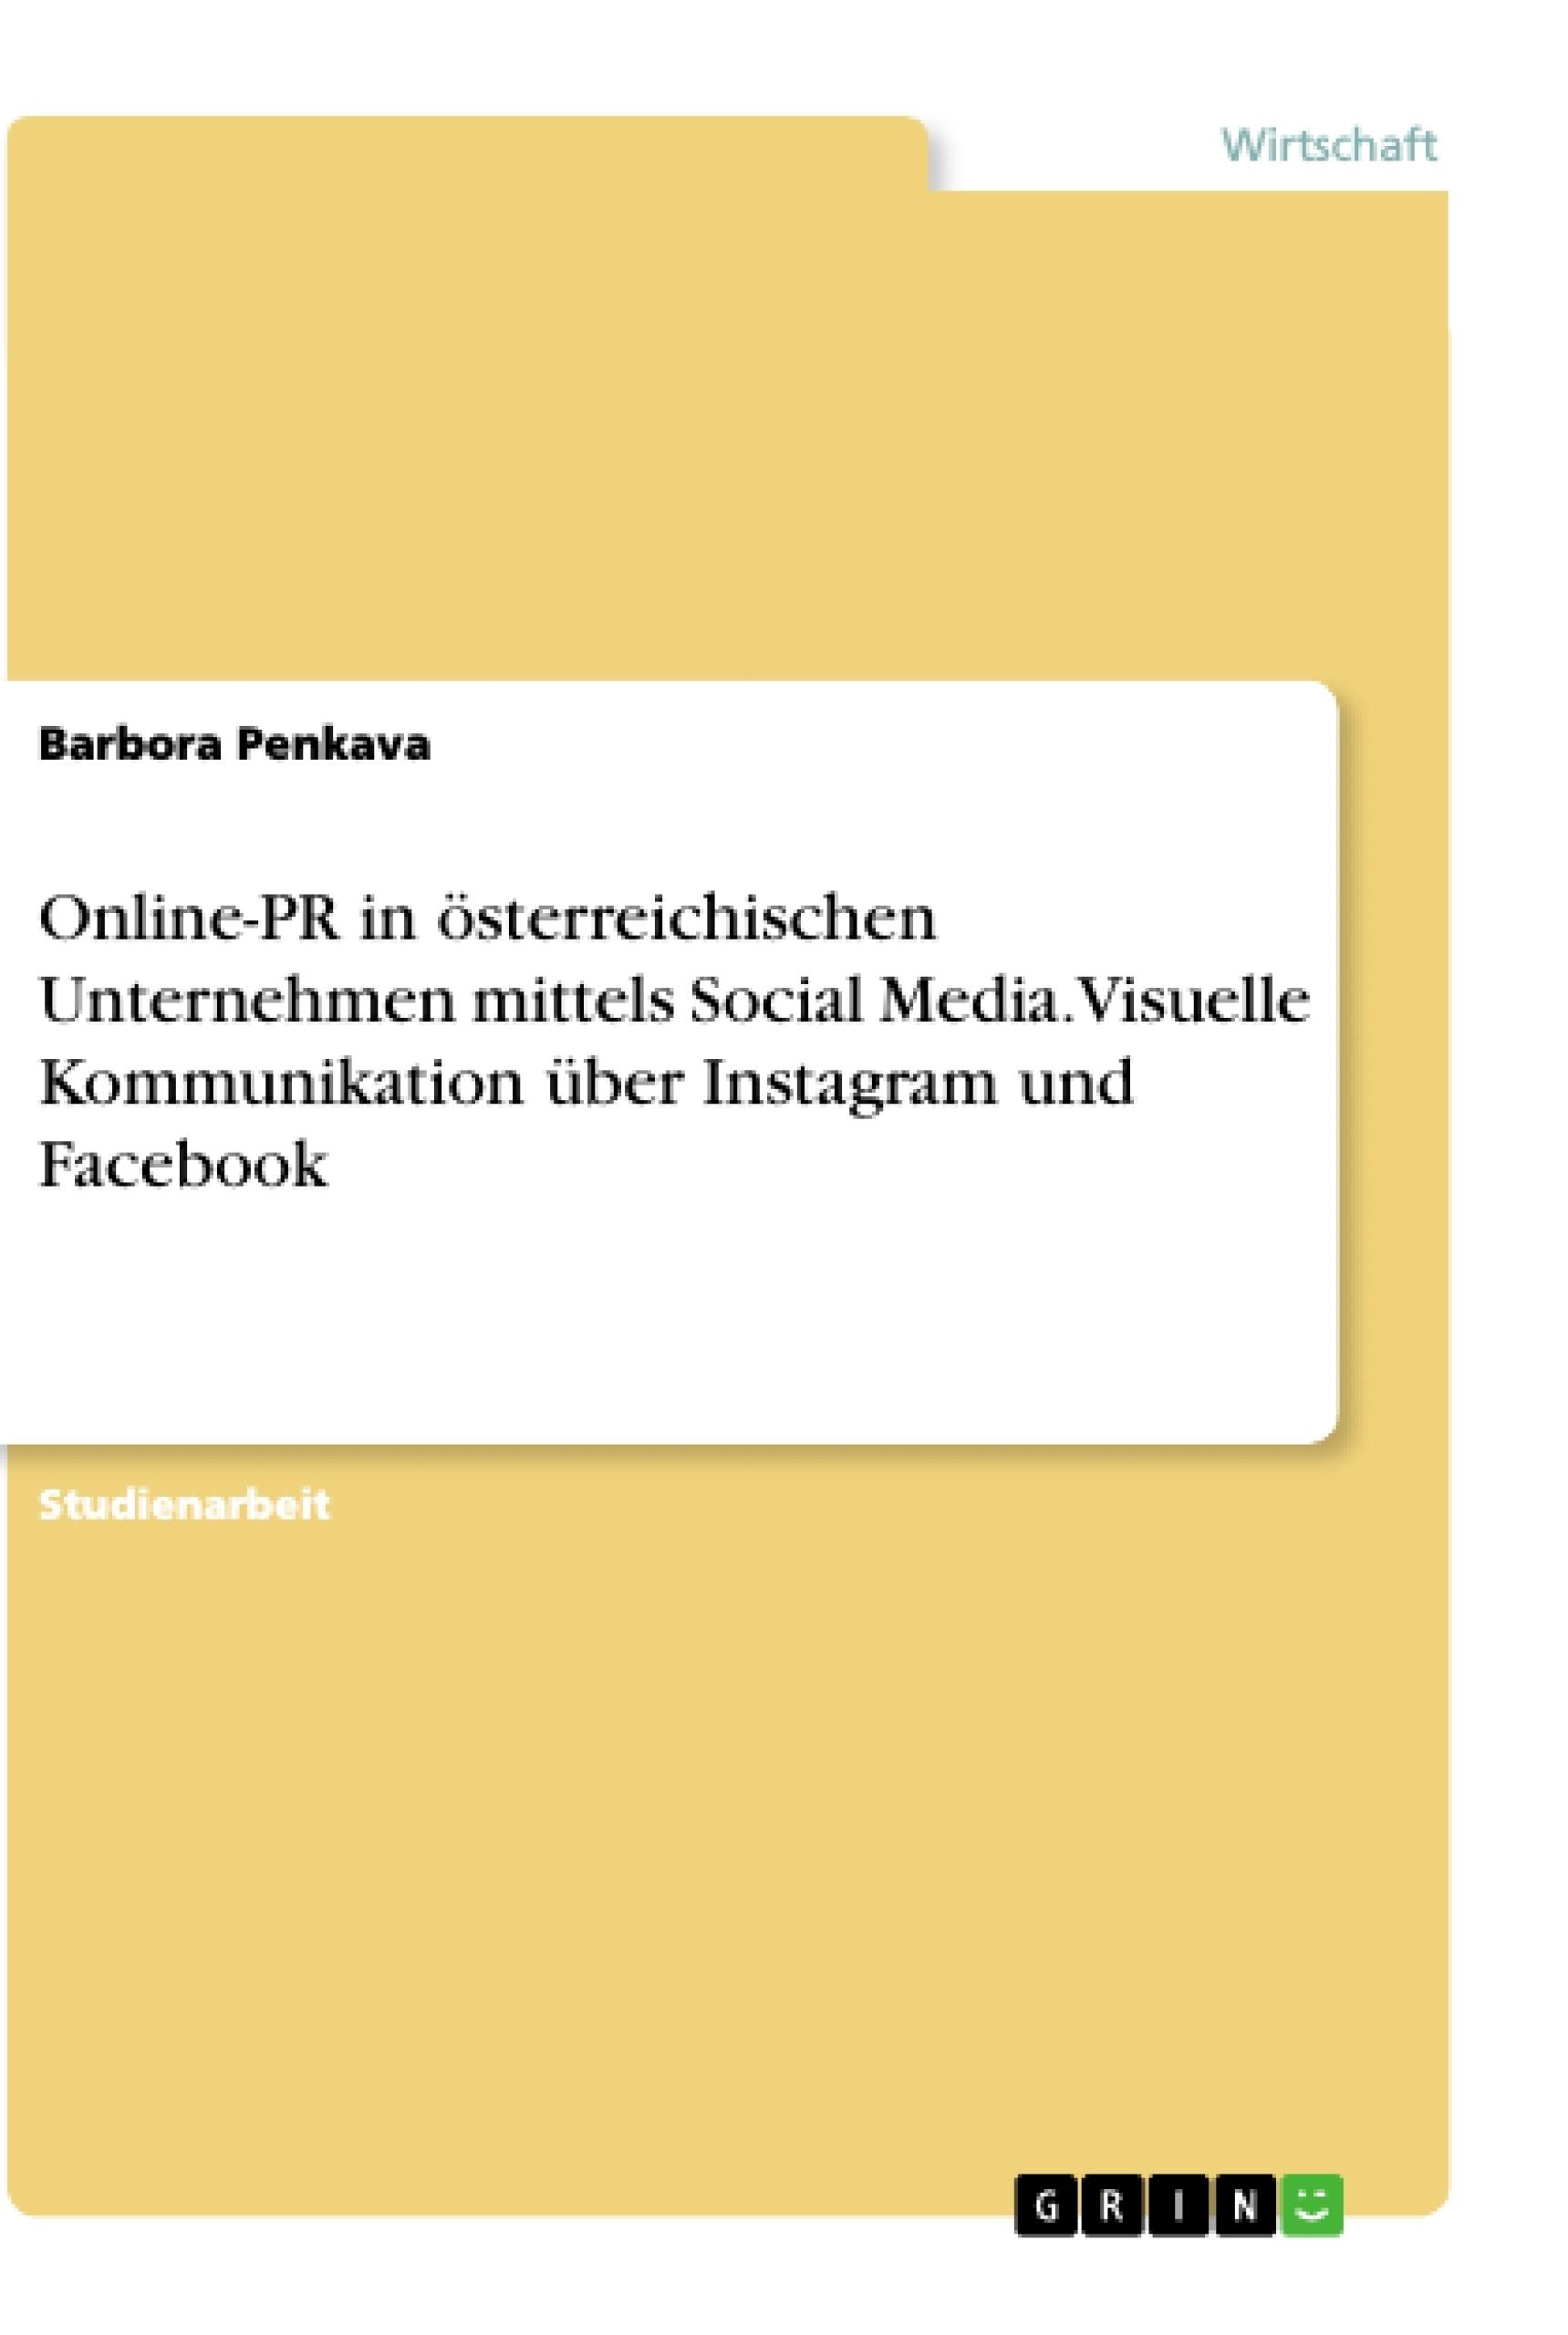 Titel: Online-PR in österreichischen Unternehmen mittels Social Media. Visuelle Kommunikation über Instagram und Facebook